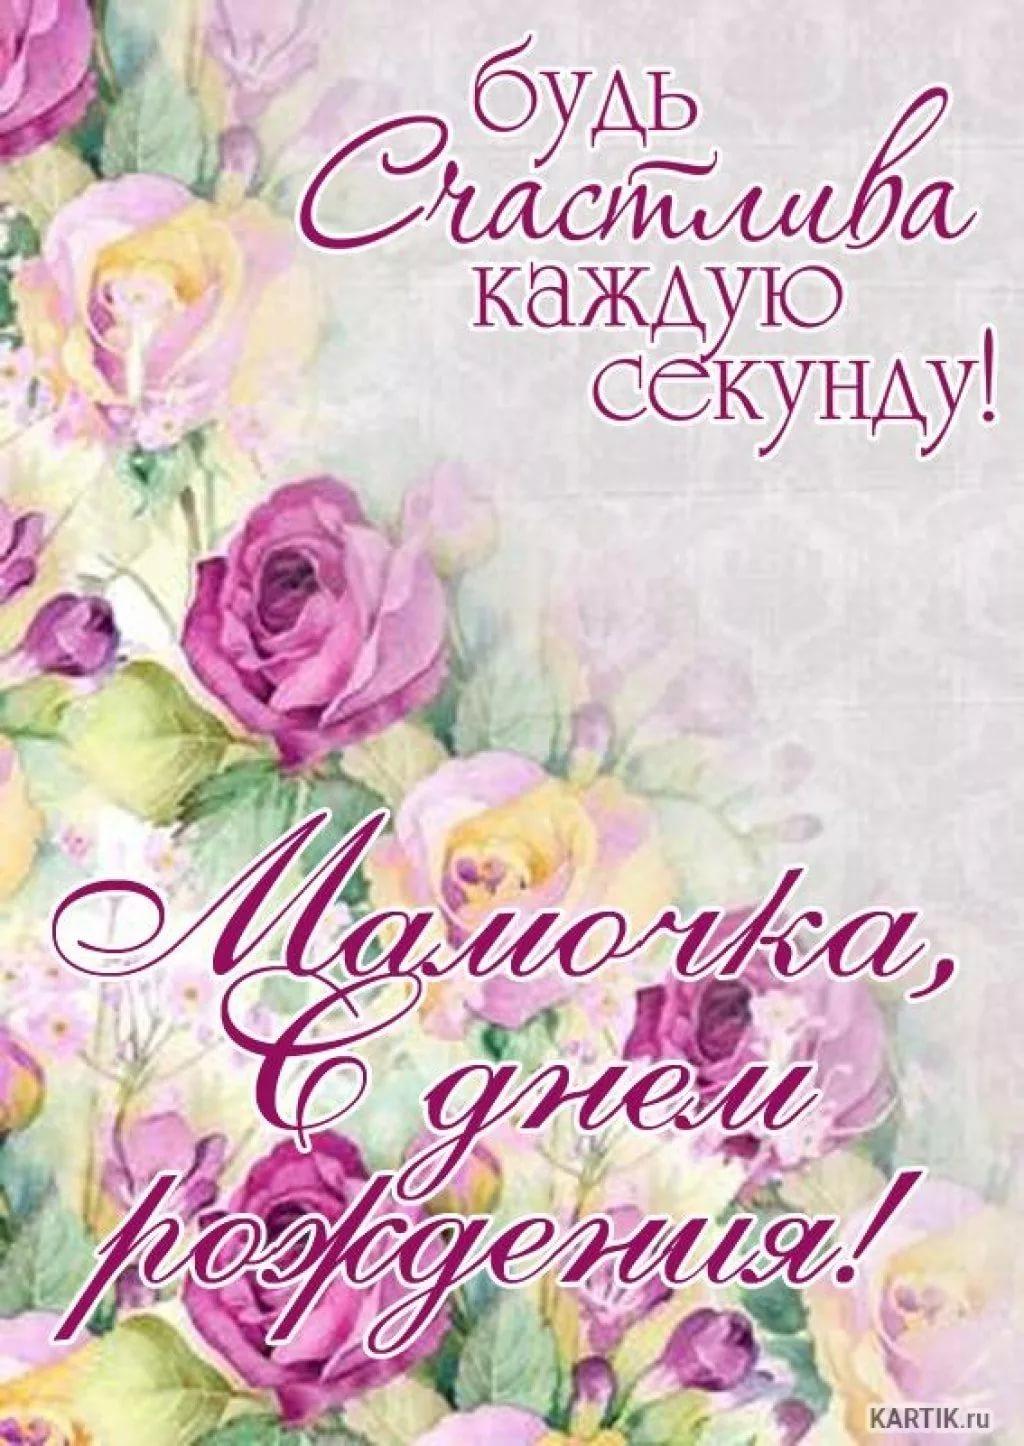 Душевное поздравление маме с днем рождения в открытках 13